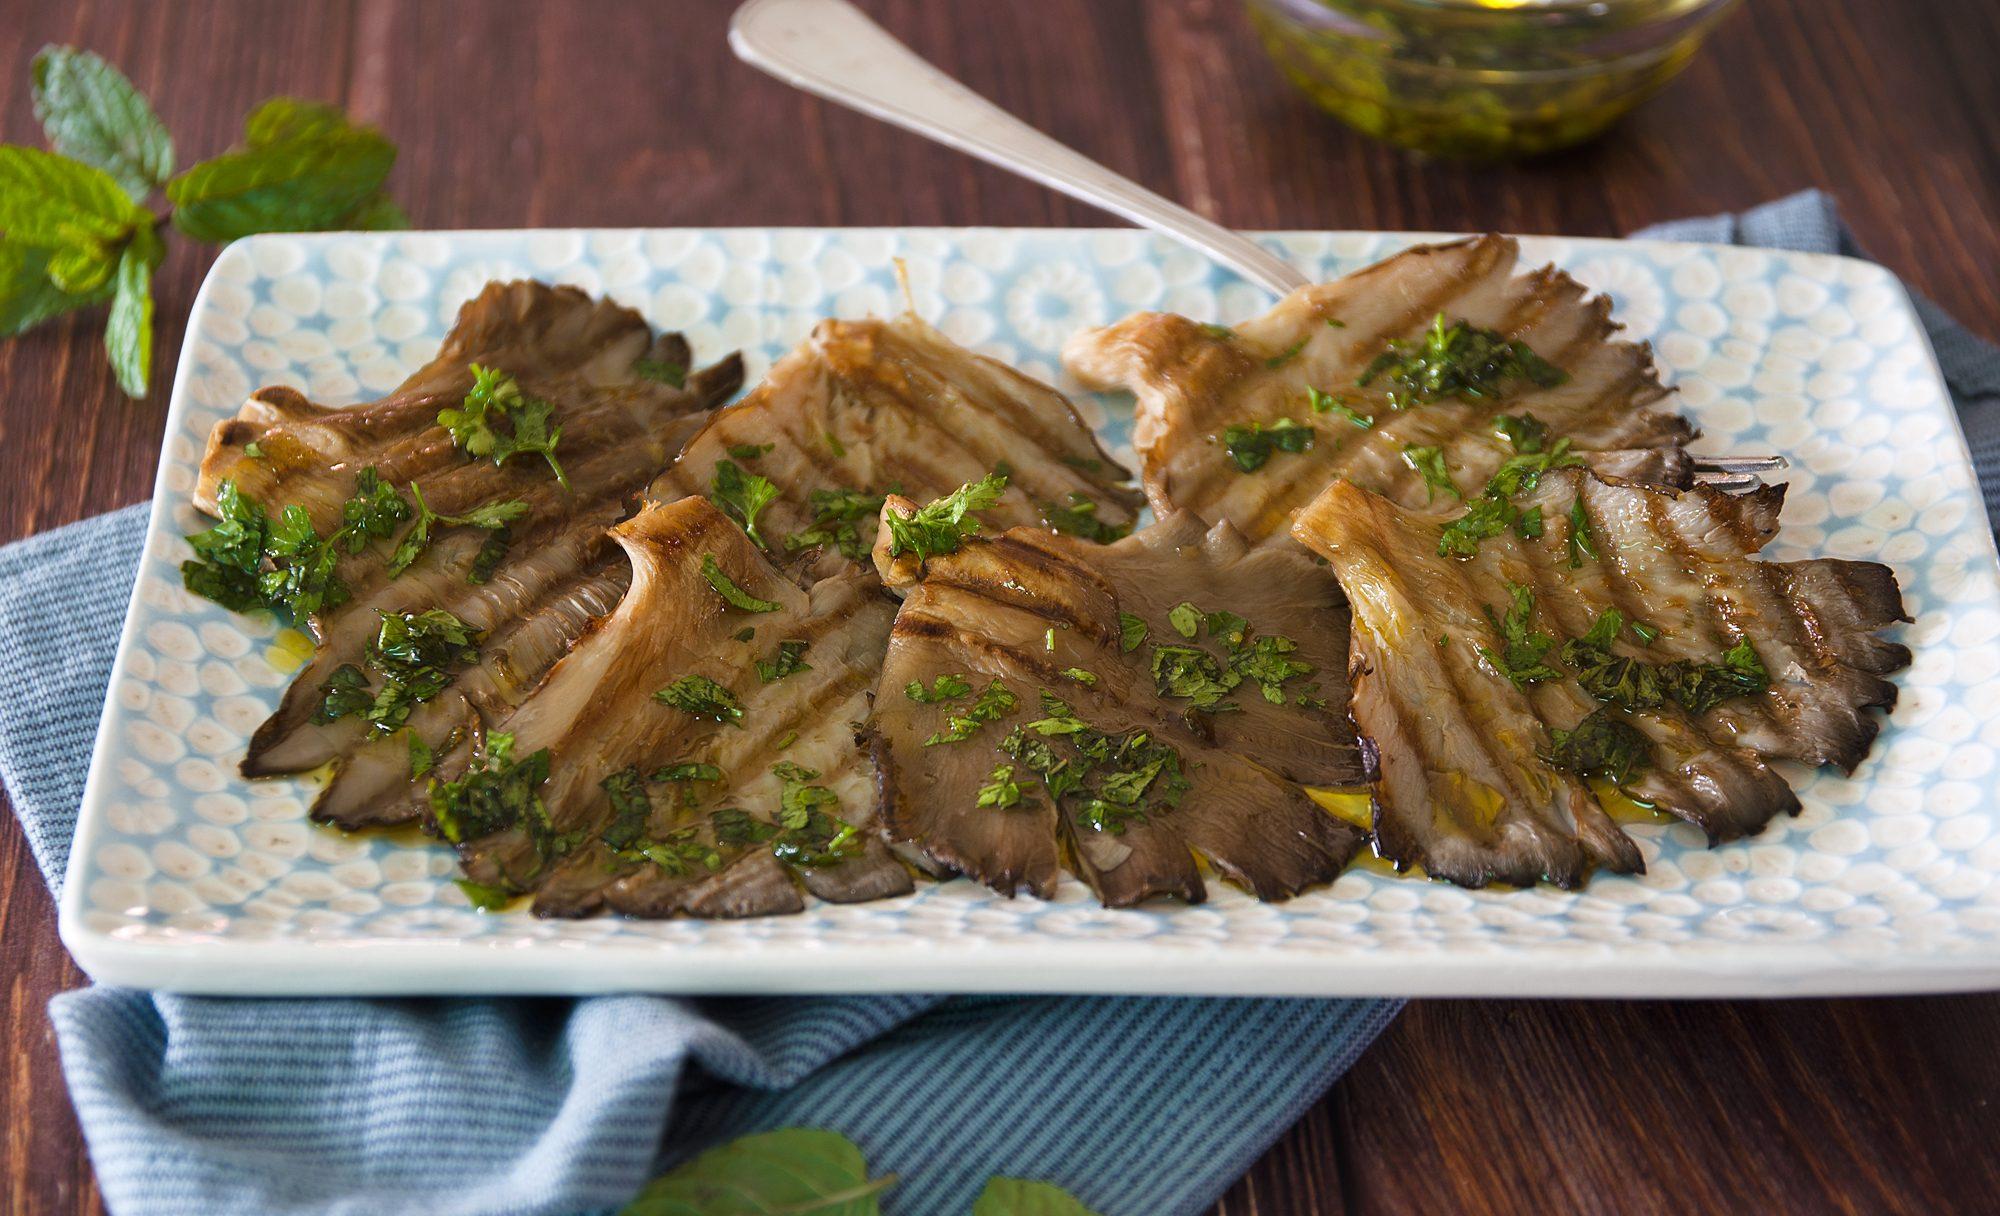 Funghi alla griglia: la ricetta del contorno gustoso e aromatico